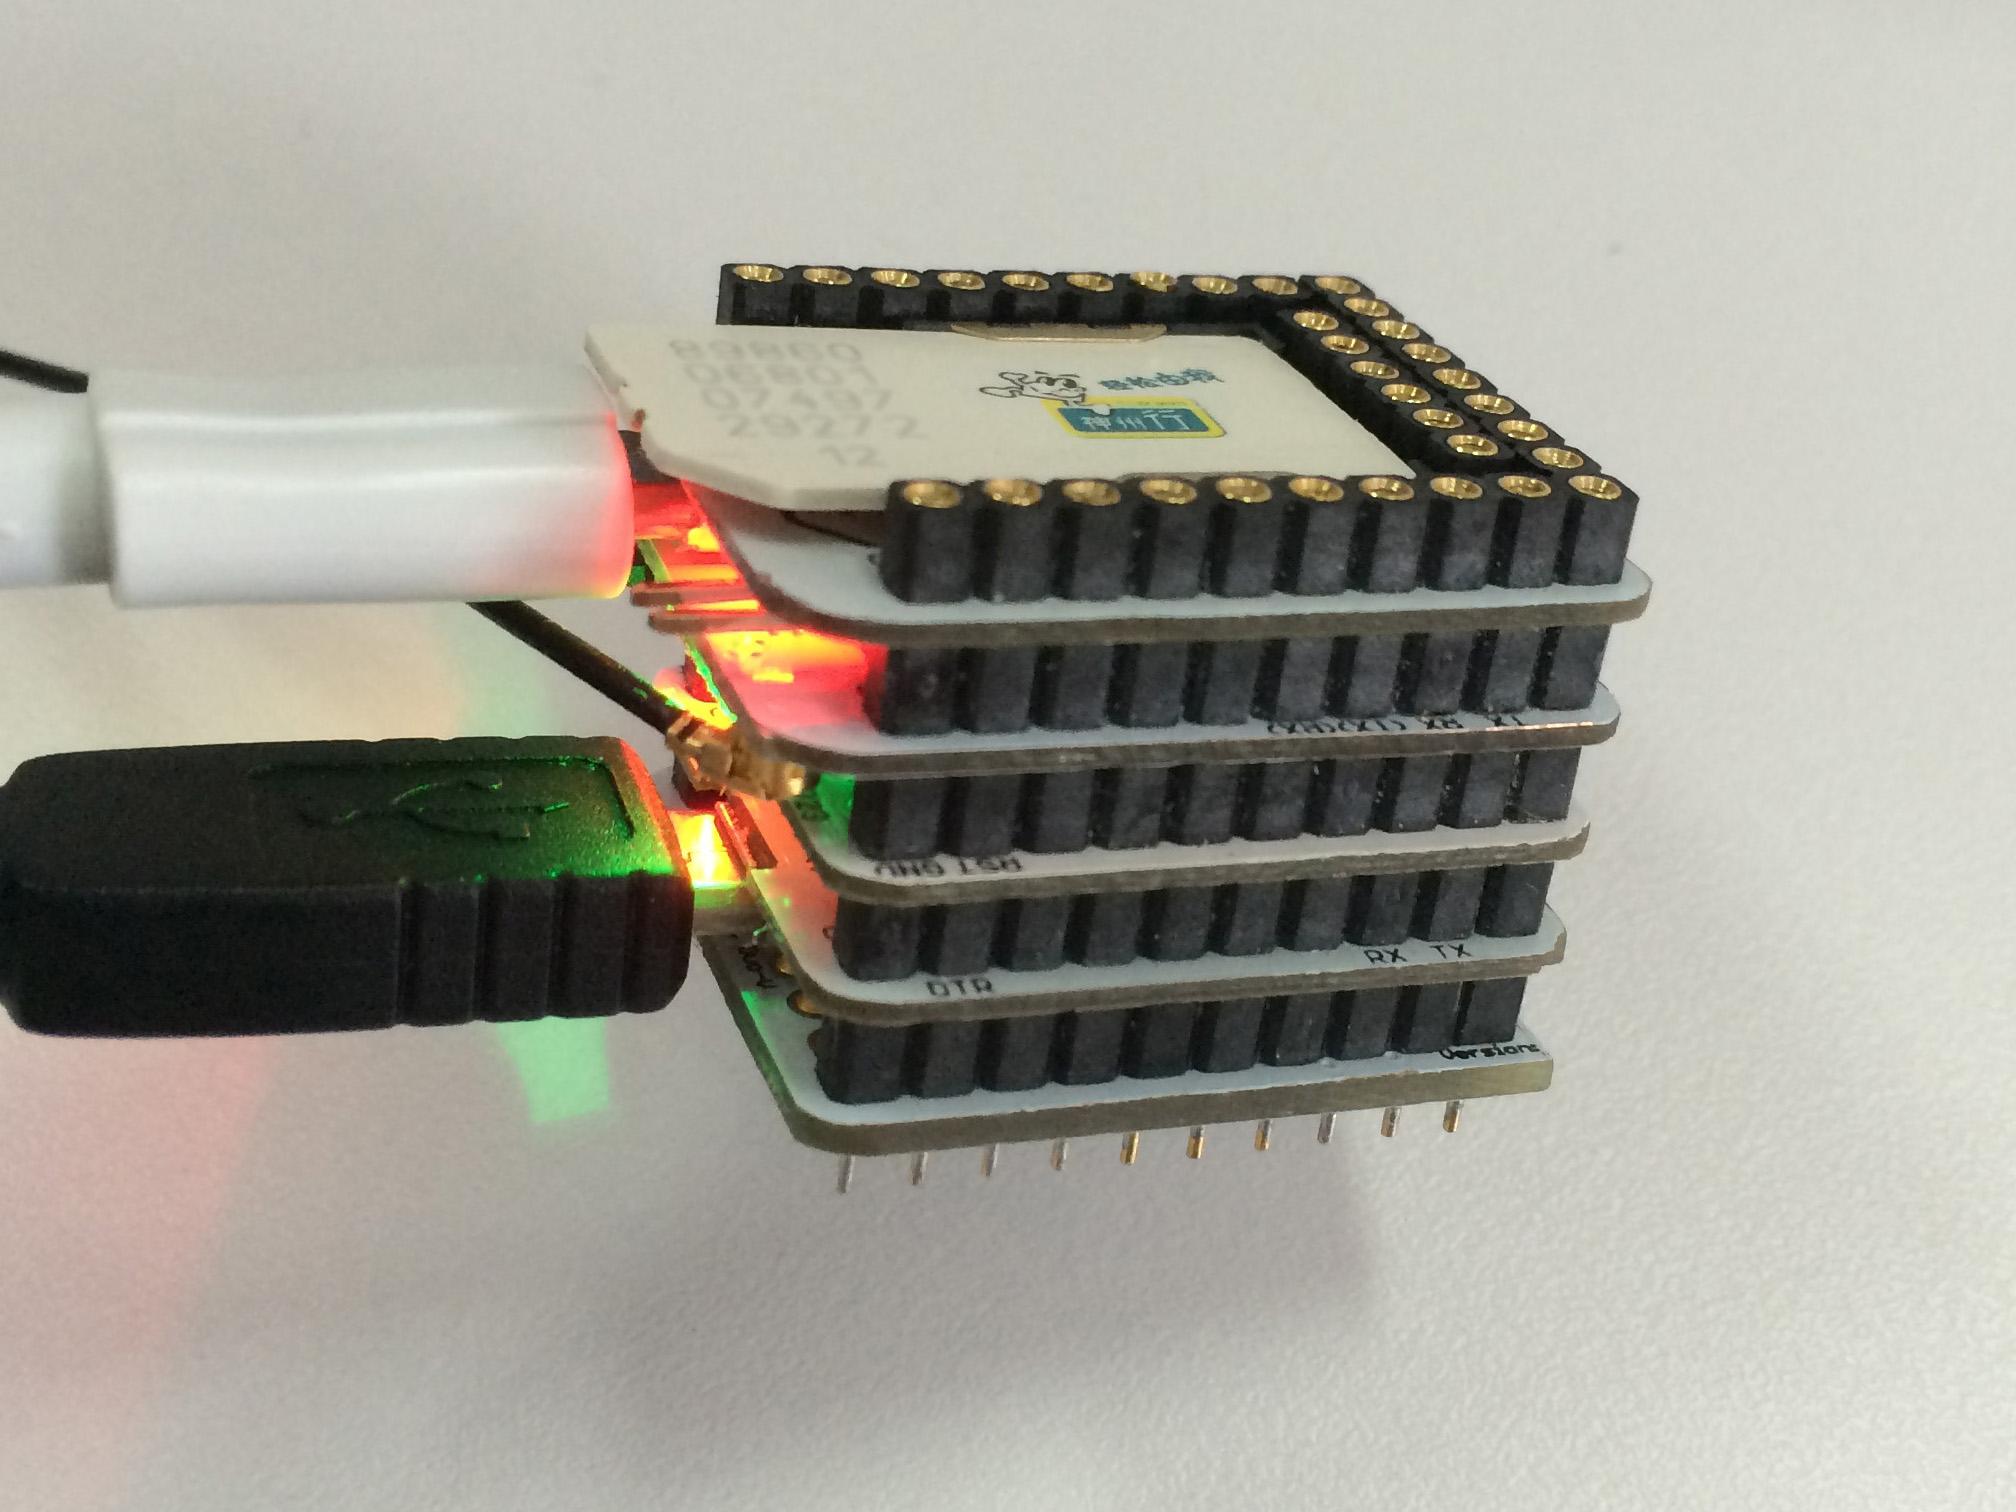 Microduino-GPRS/GSM